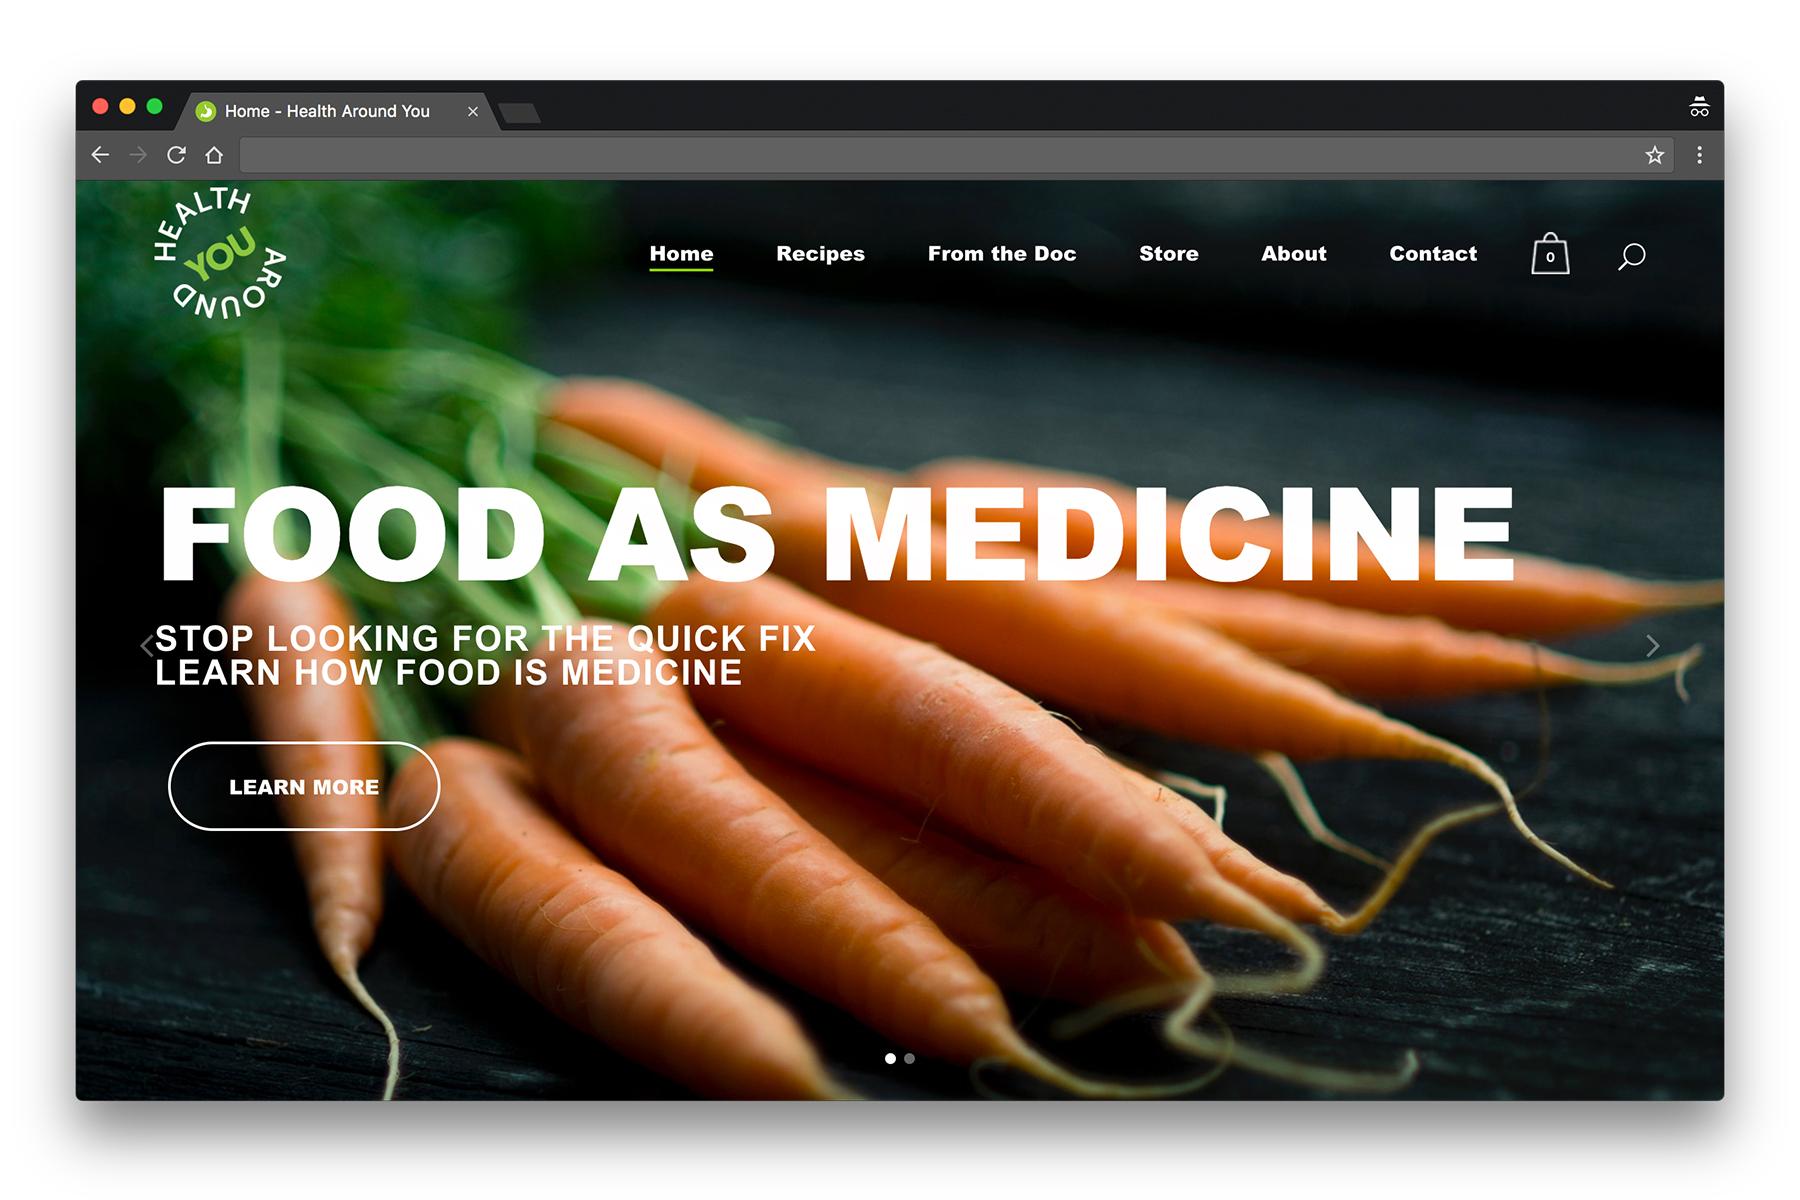 HealthAroundYou-WebsiteDesignProject-HomePage